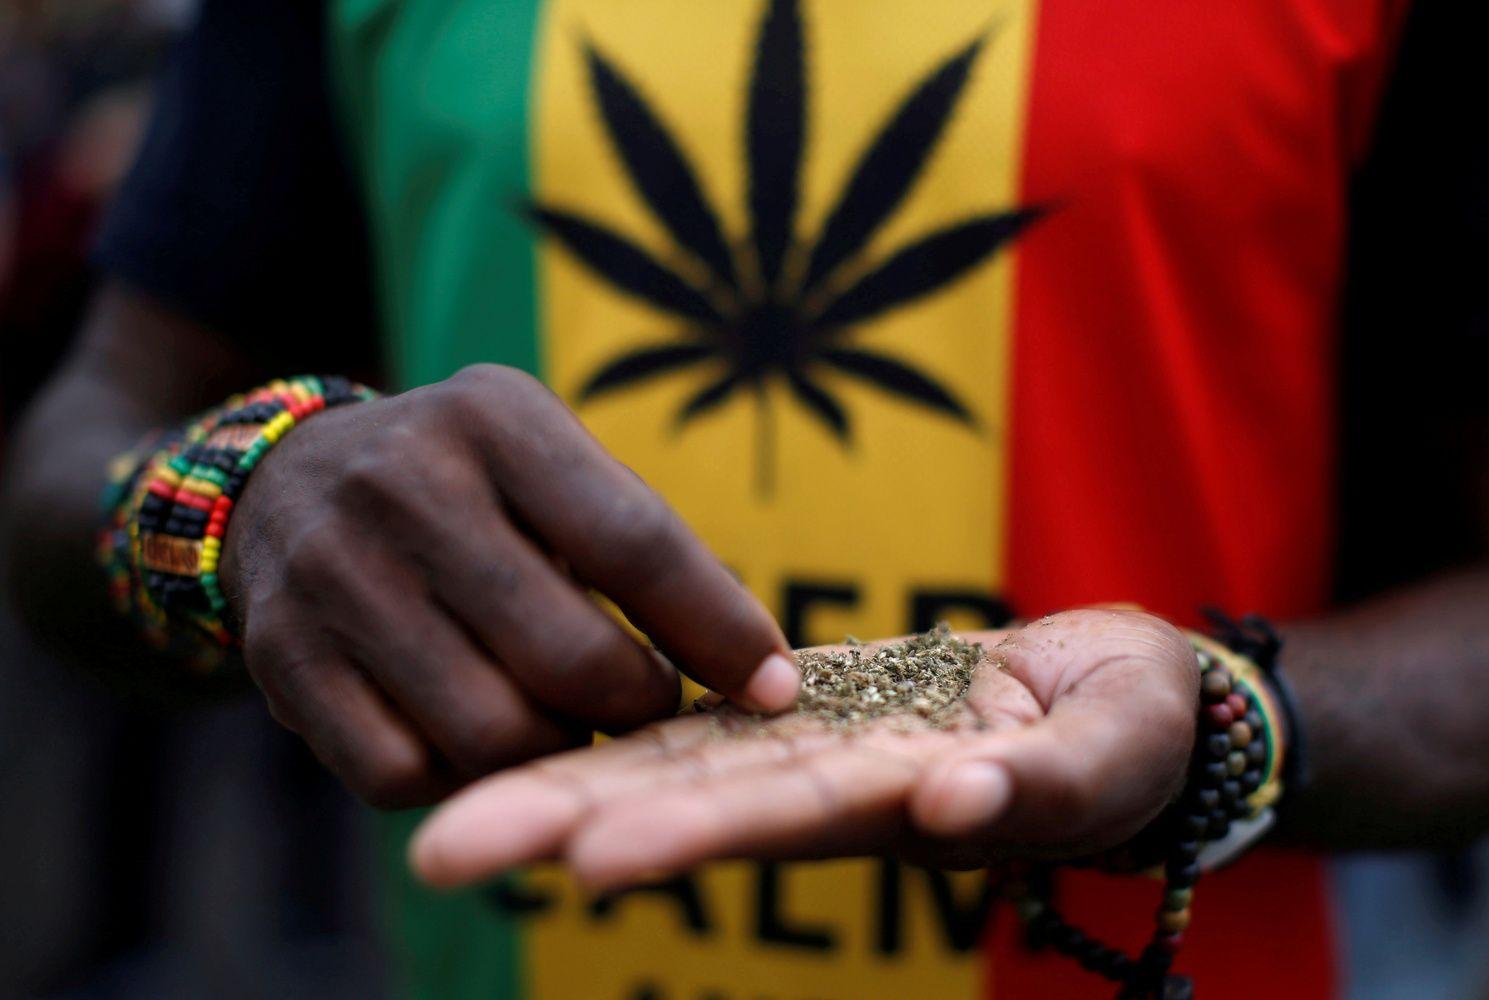 Marihuanos akcijų bumas: brangsta iki 90% per dieną